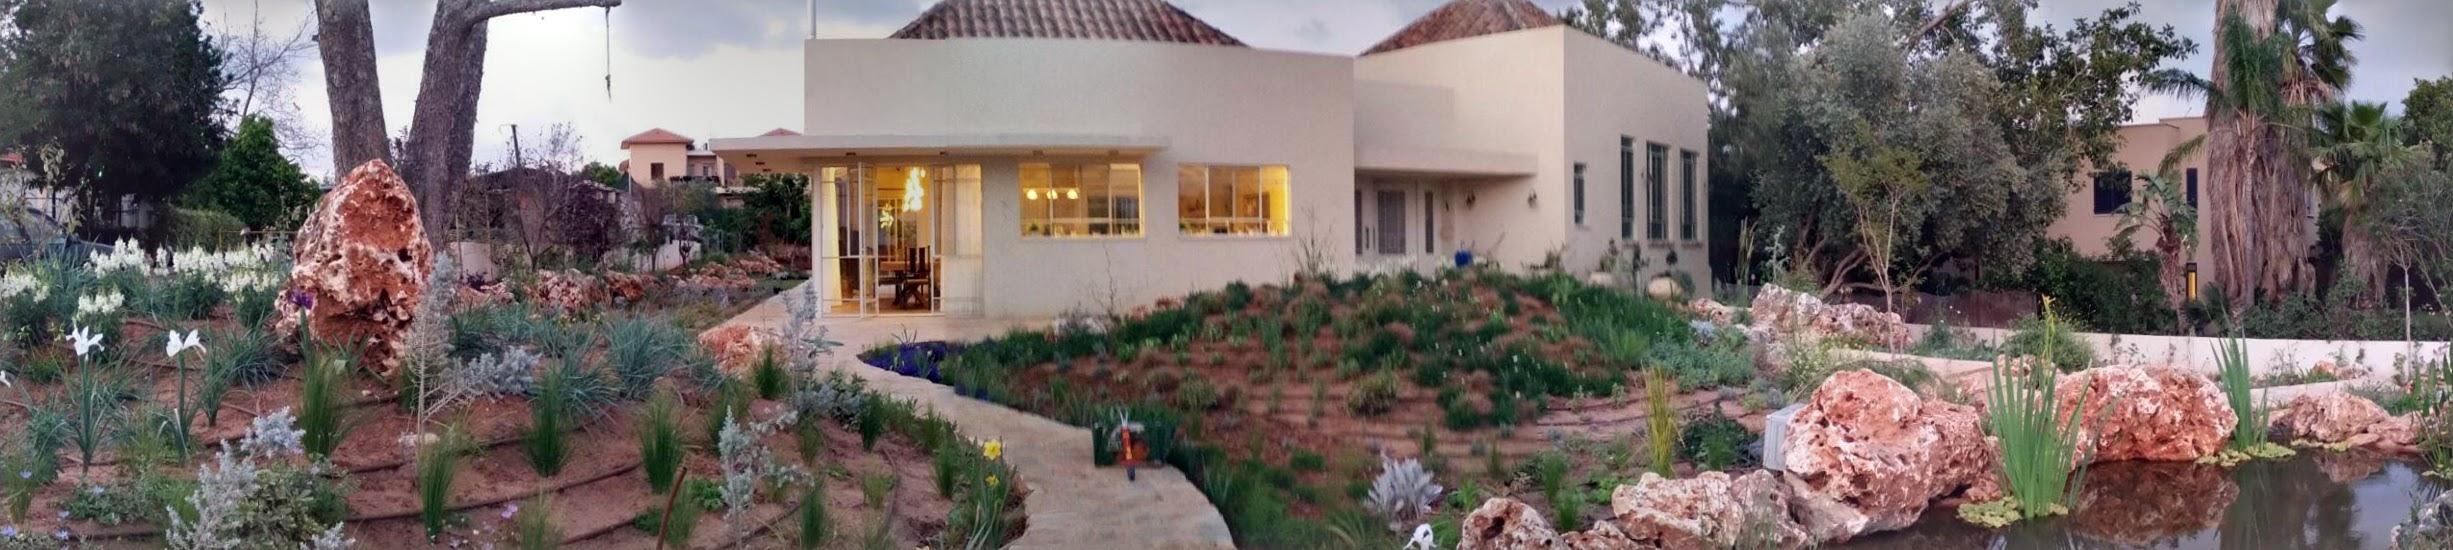 בית בצור משה - אדריכל איתן גורן